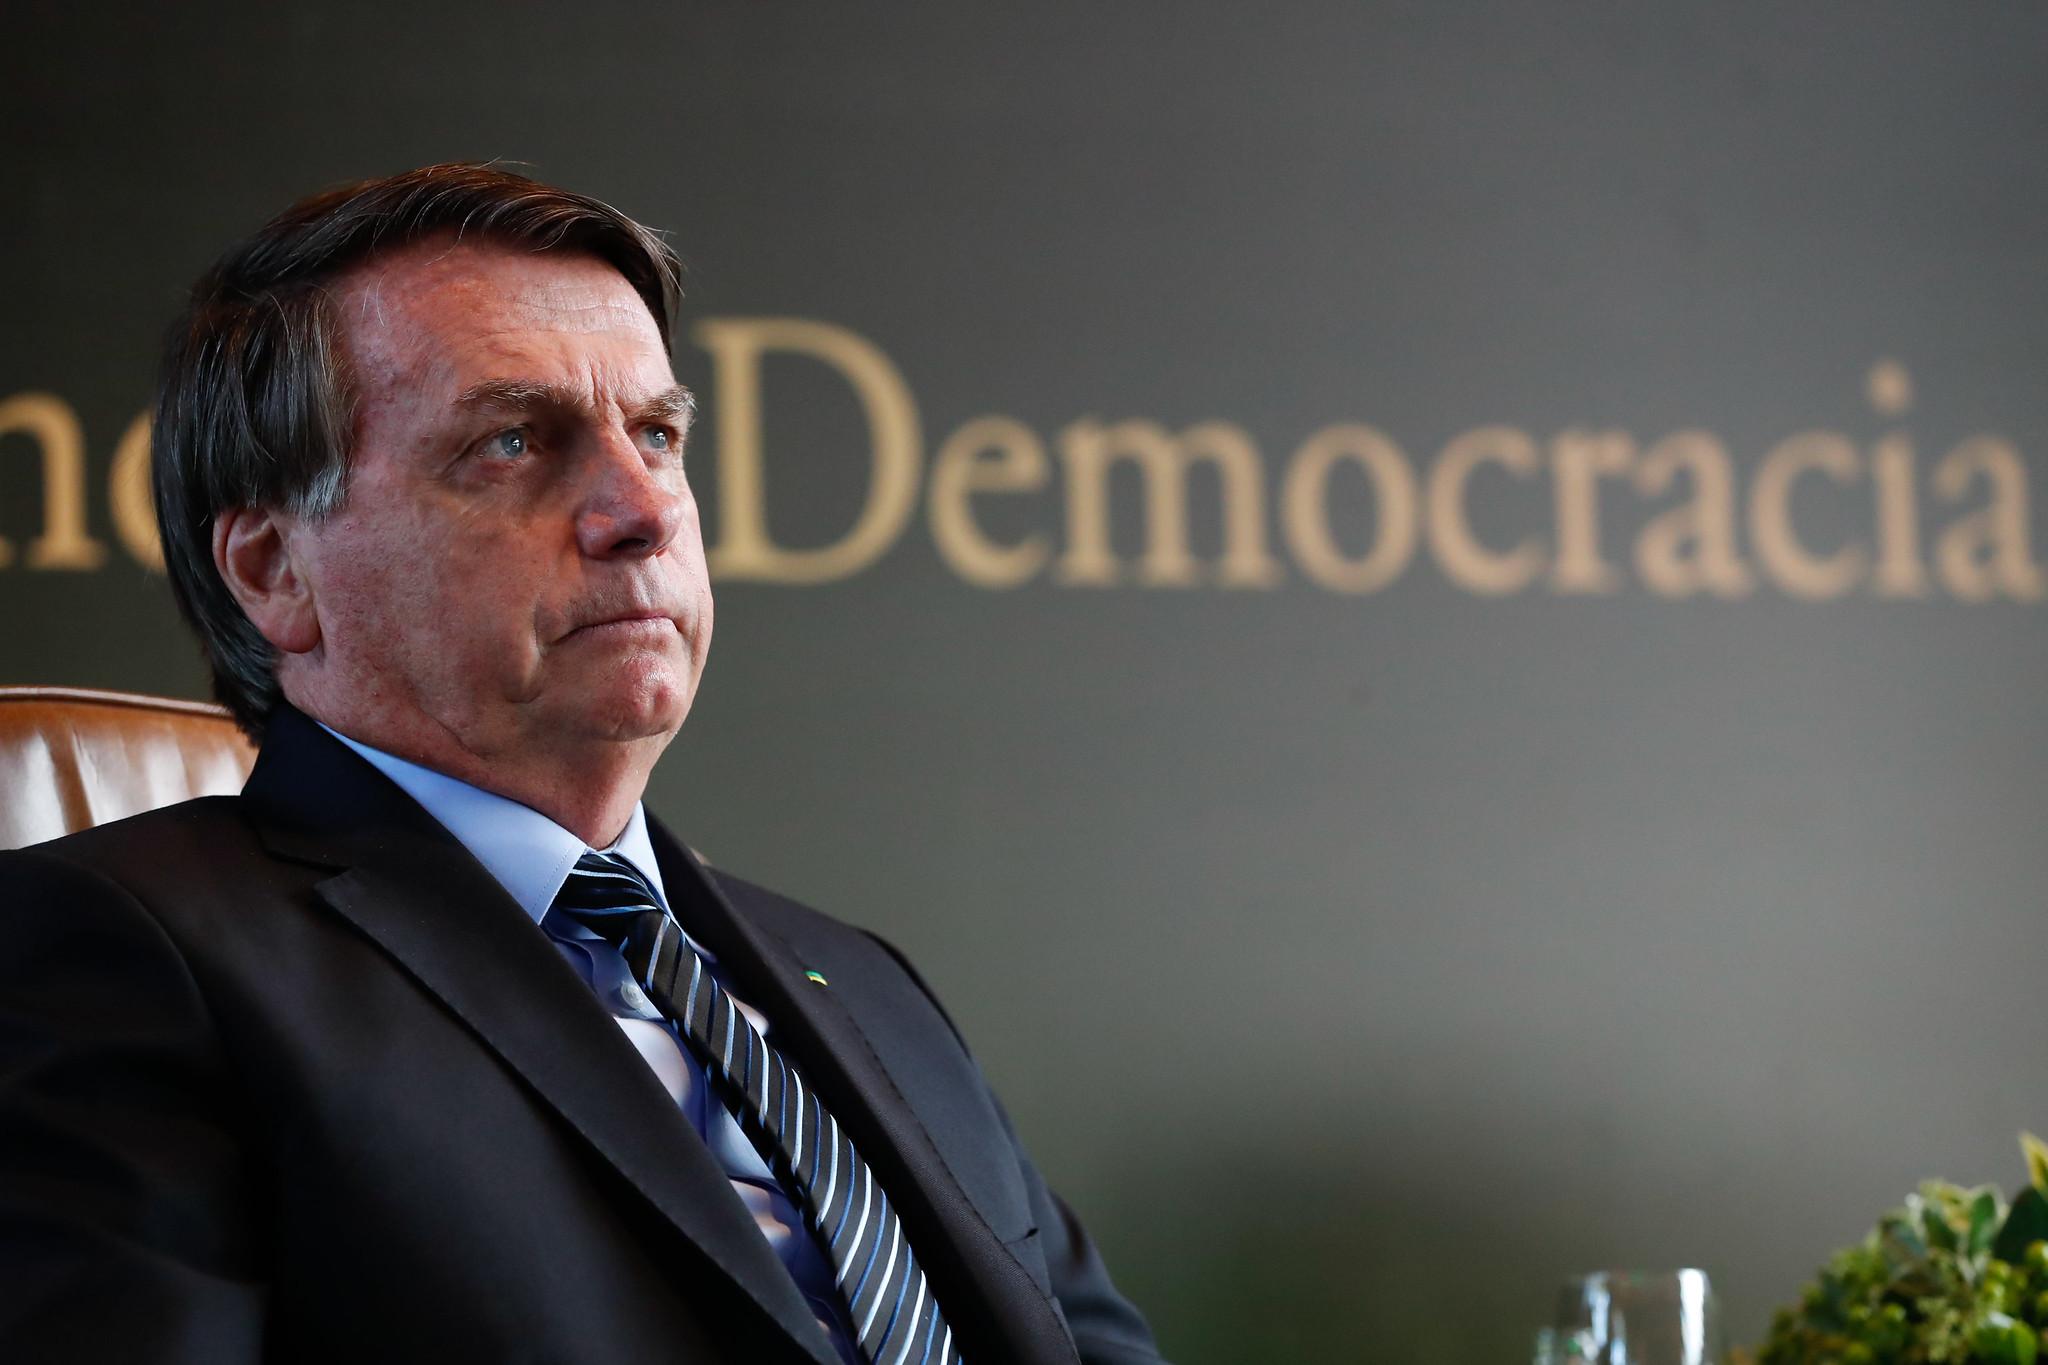 IMAGEM: A pedalada elétrica de Bolsonaro